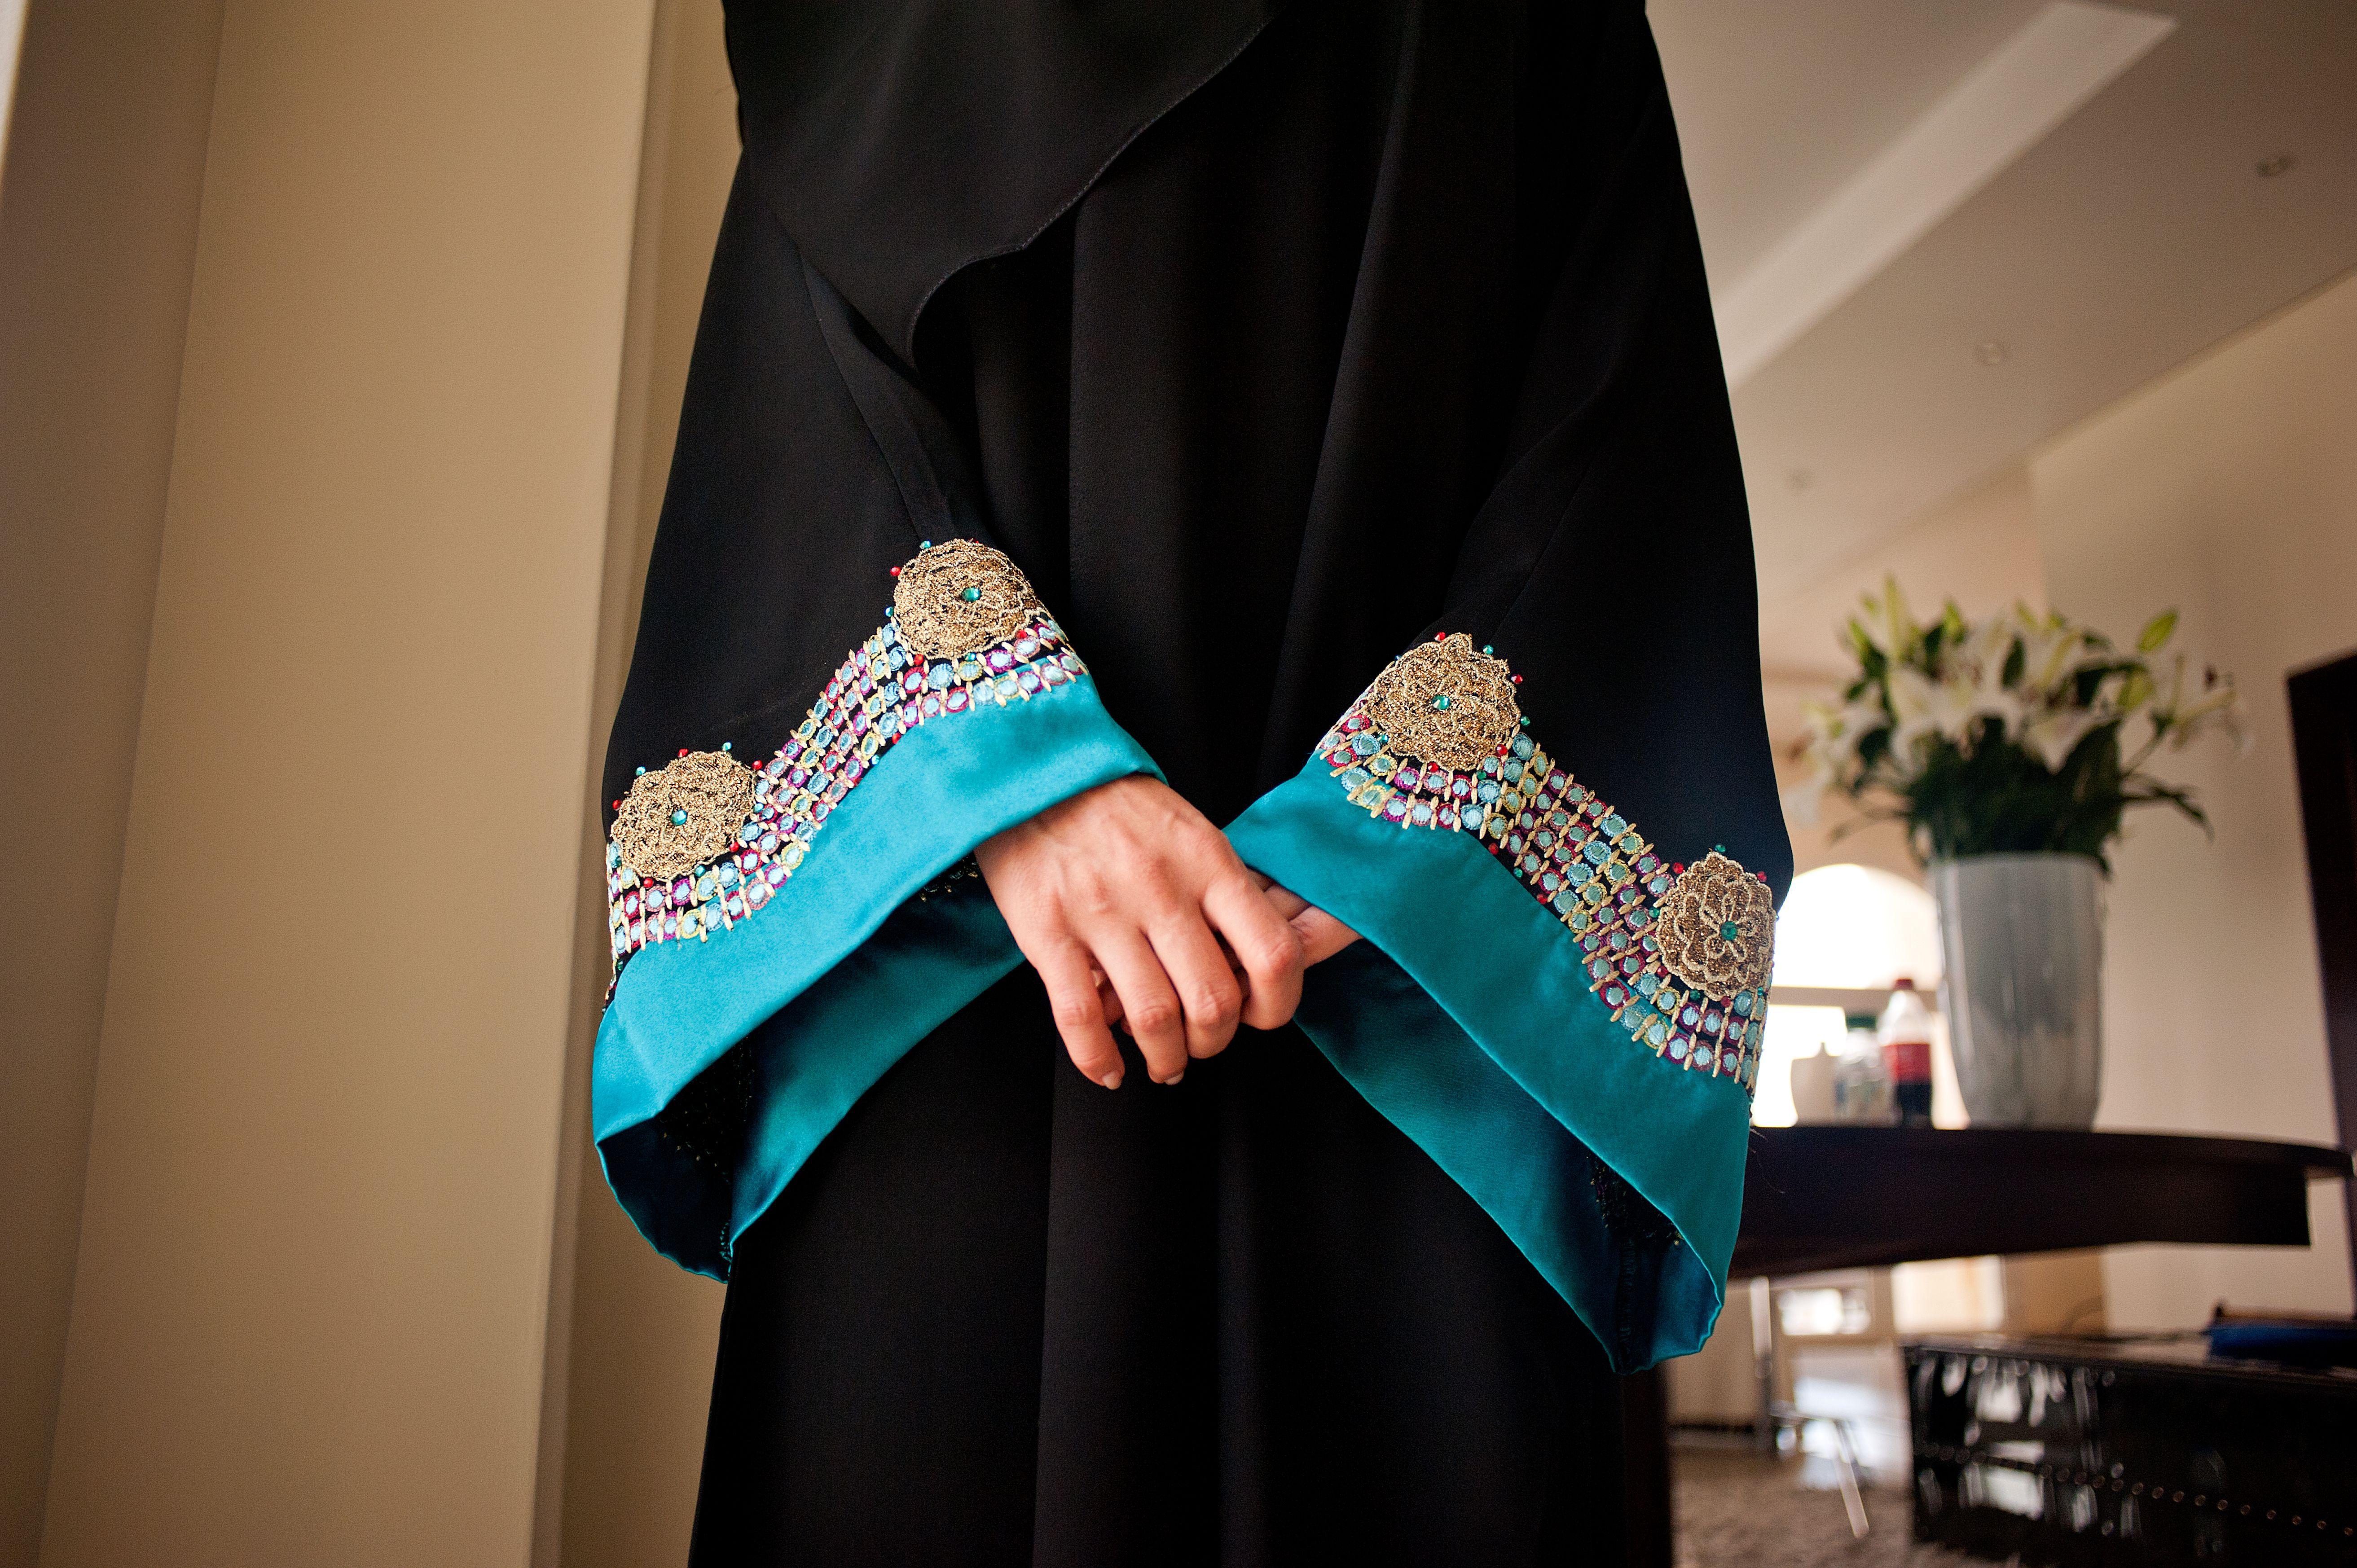 لبس محجبات عبارة عن عباية سوداء اللون ومطعمة بتطريز يدوى